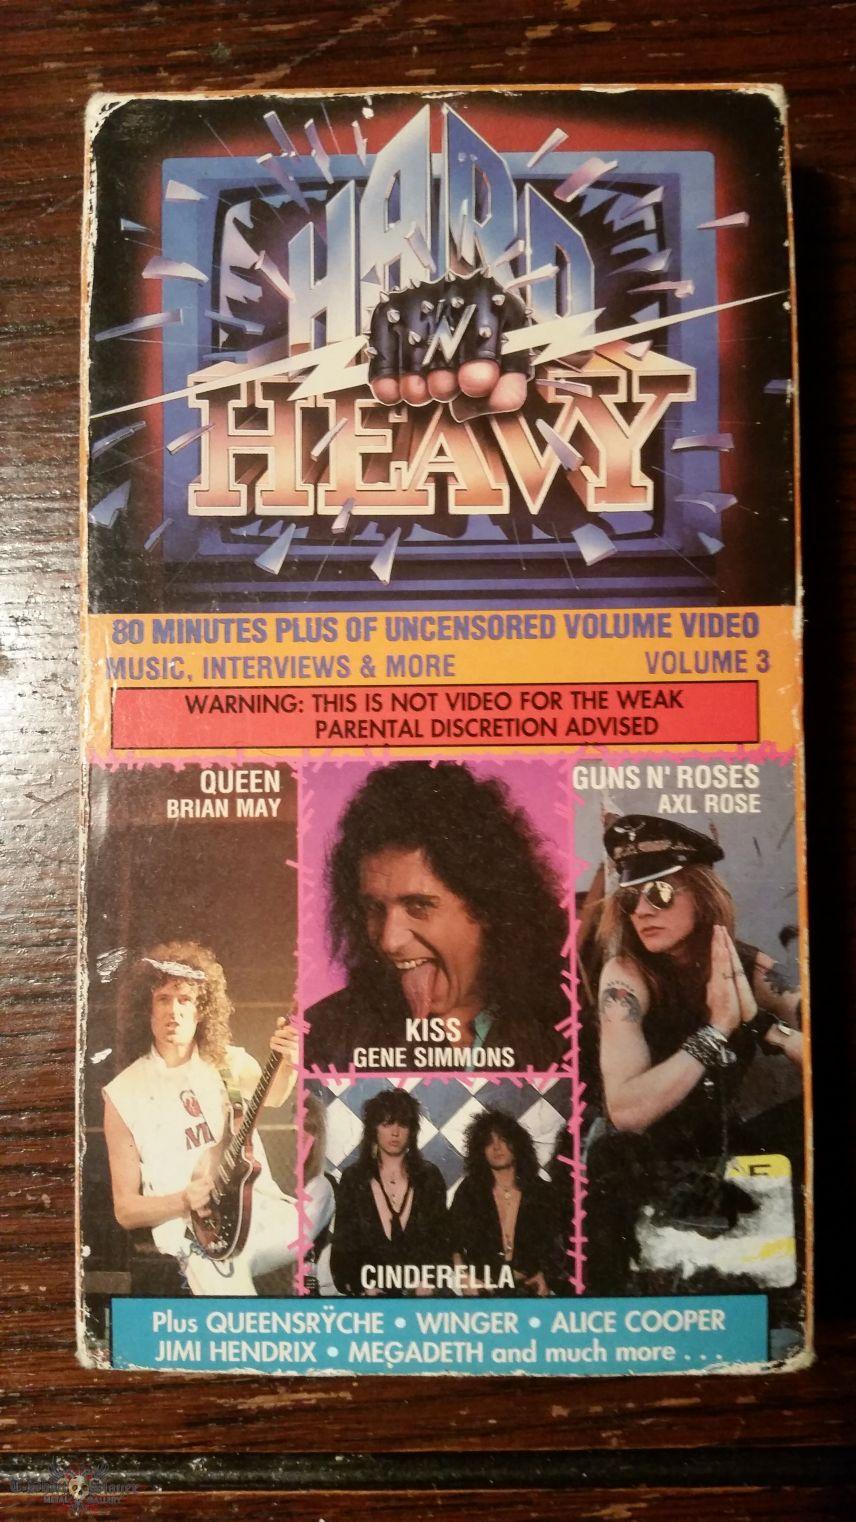 Hard & Heavy Vol 3